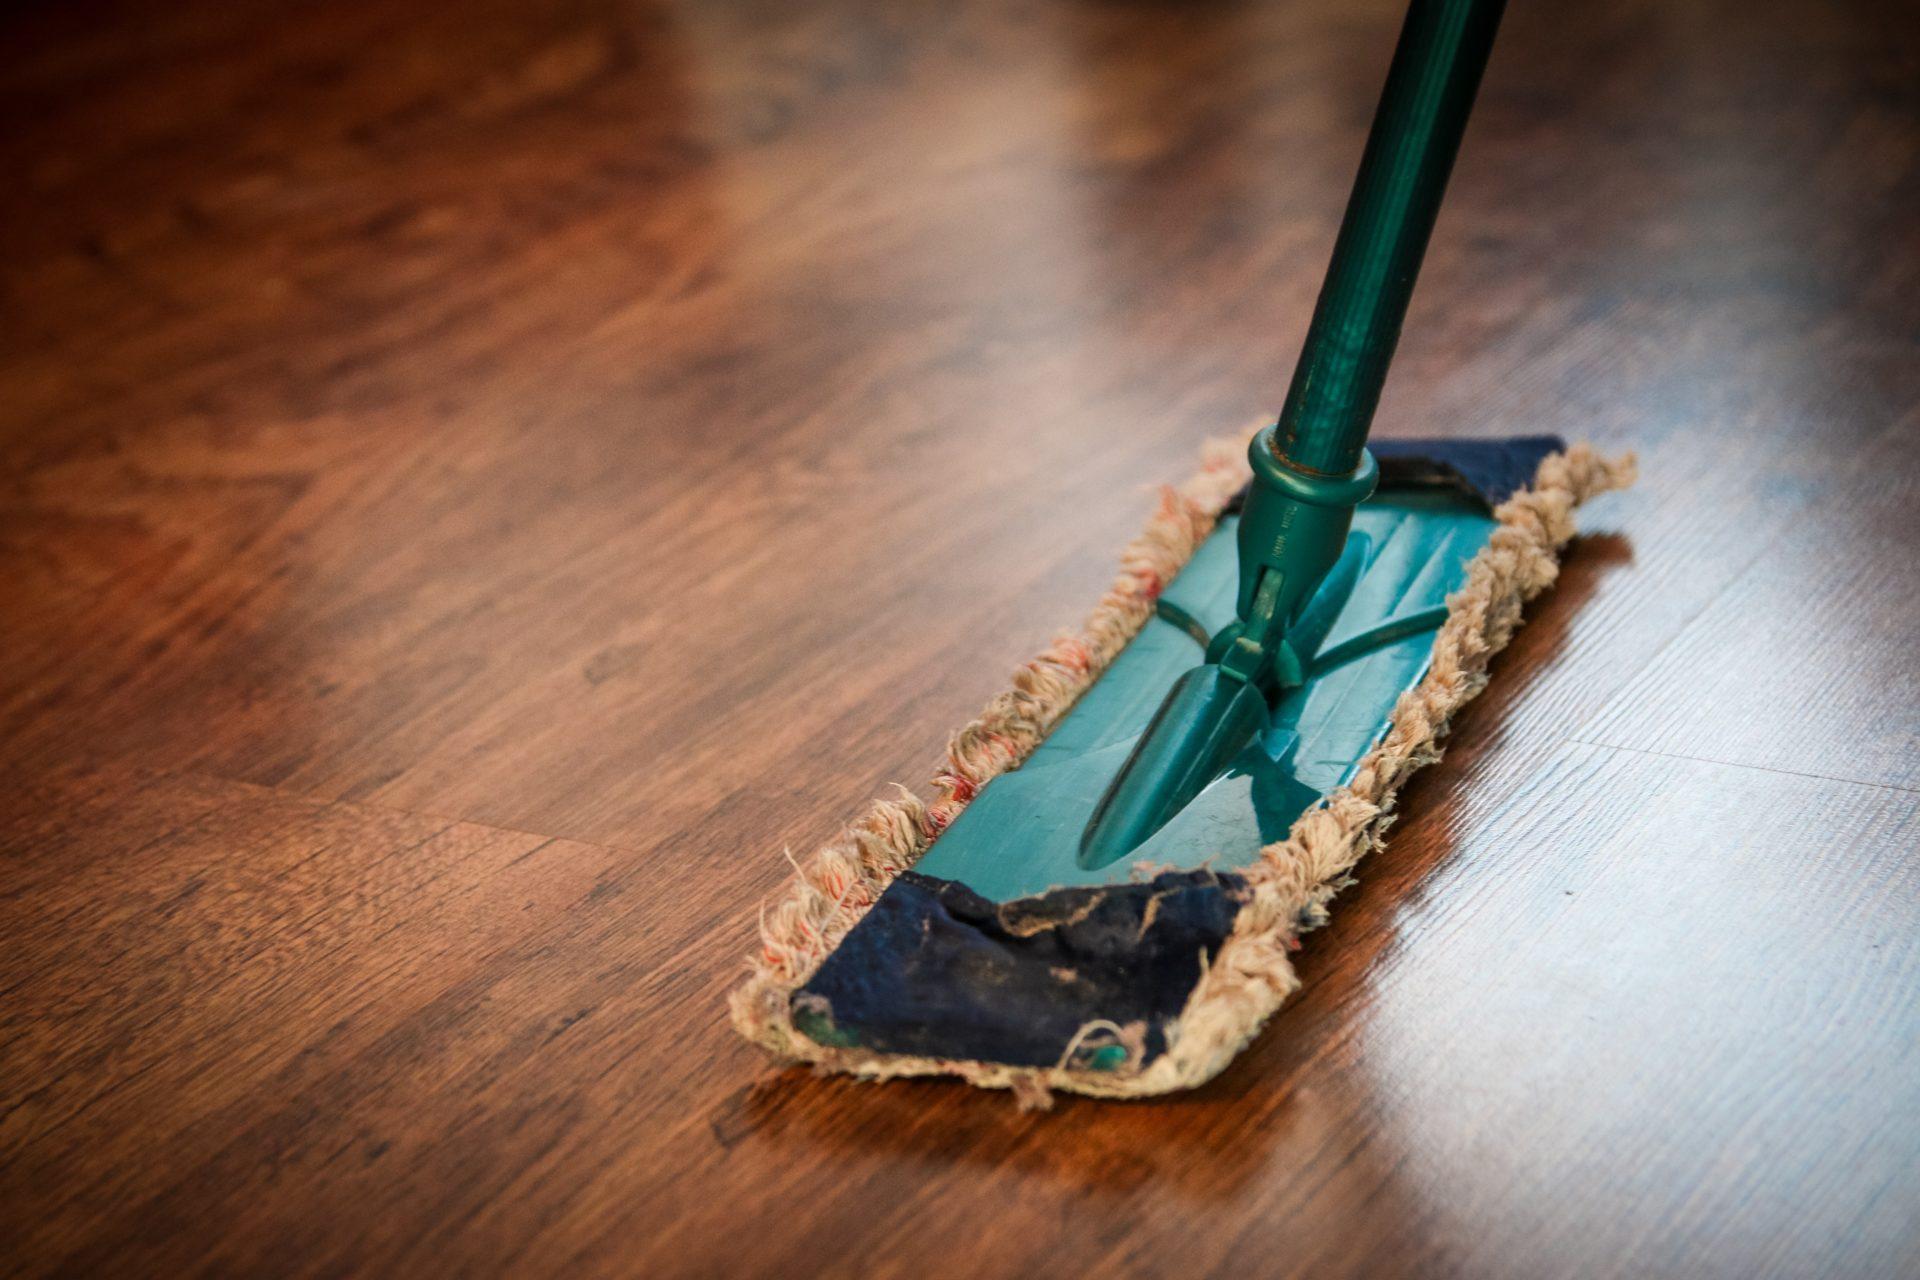 Istraživanje pokazalo šokantne rezultate kako čišćenje kuće utiče na zdravlje žena!